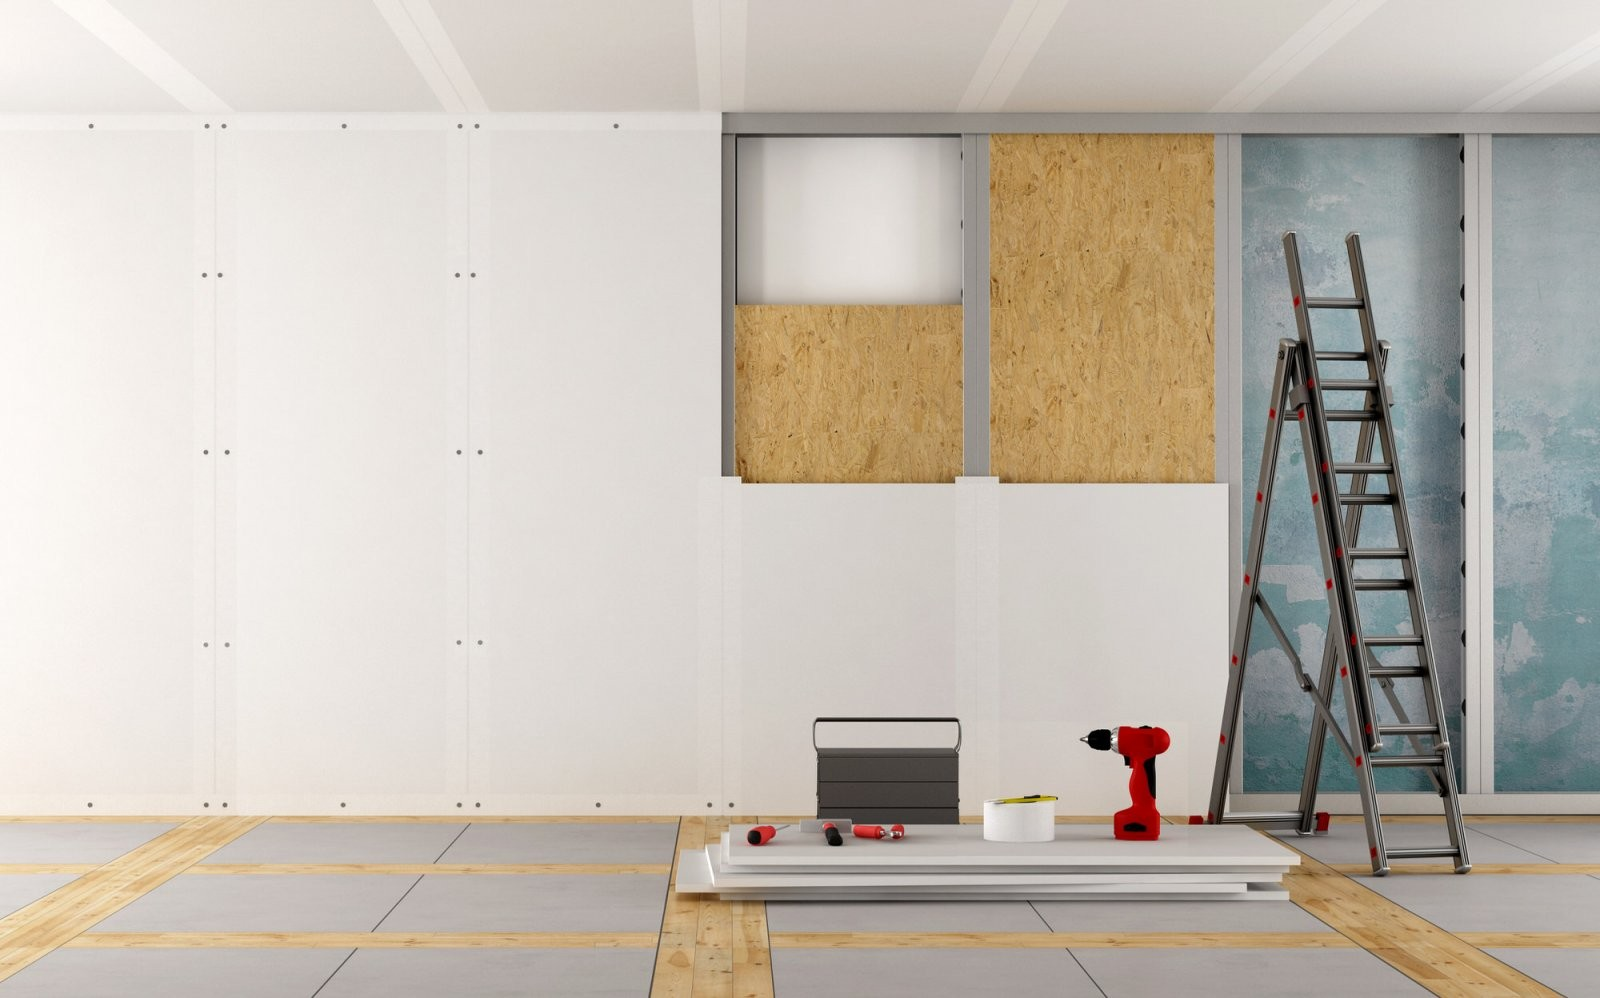 Trockenbauwandkosten – Was Kostet Ein Trockenbauprojekt  Heimhelden von Wohnung Streichen Lassen Kosten Photo